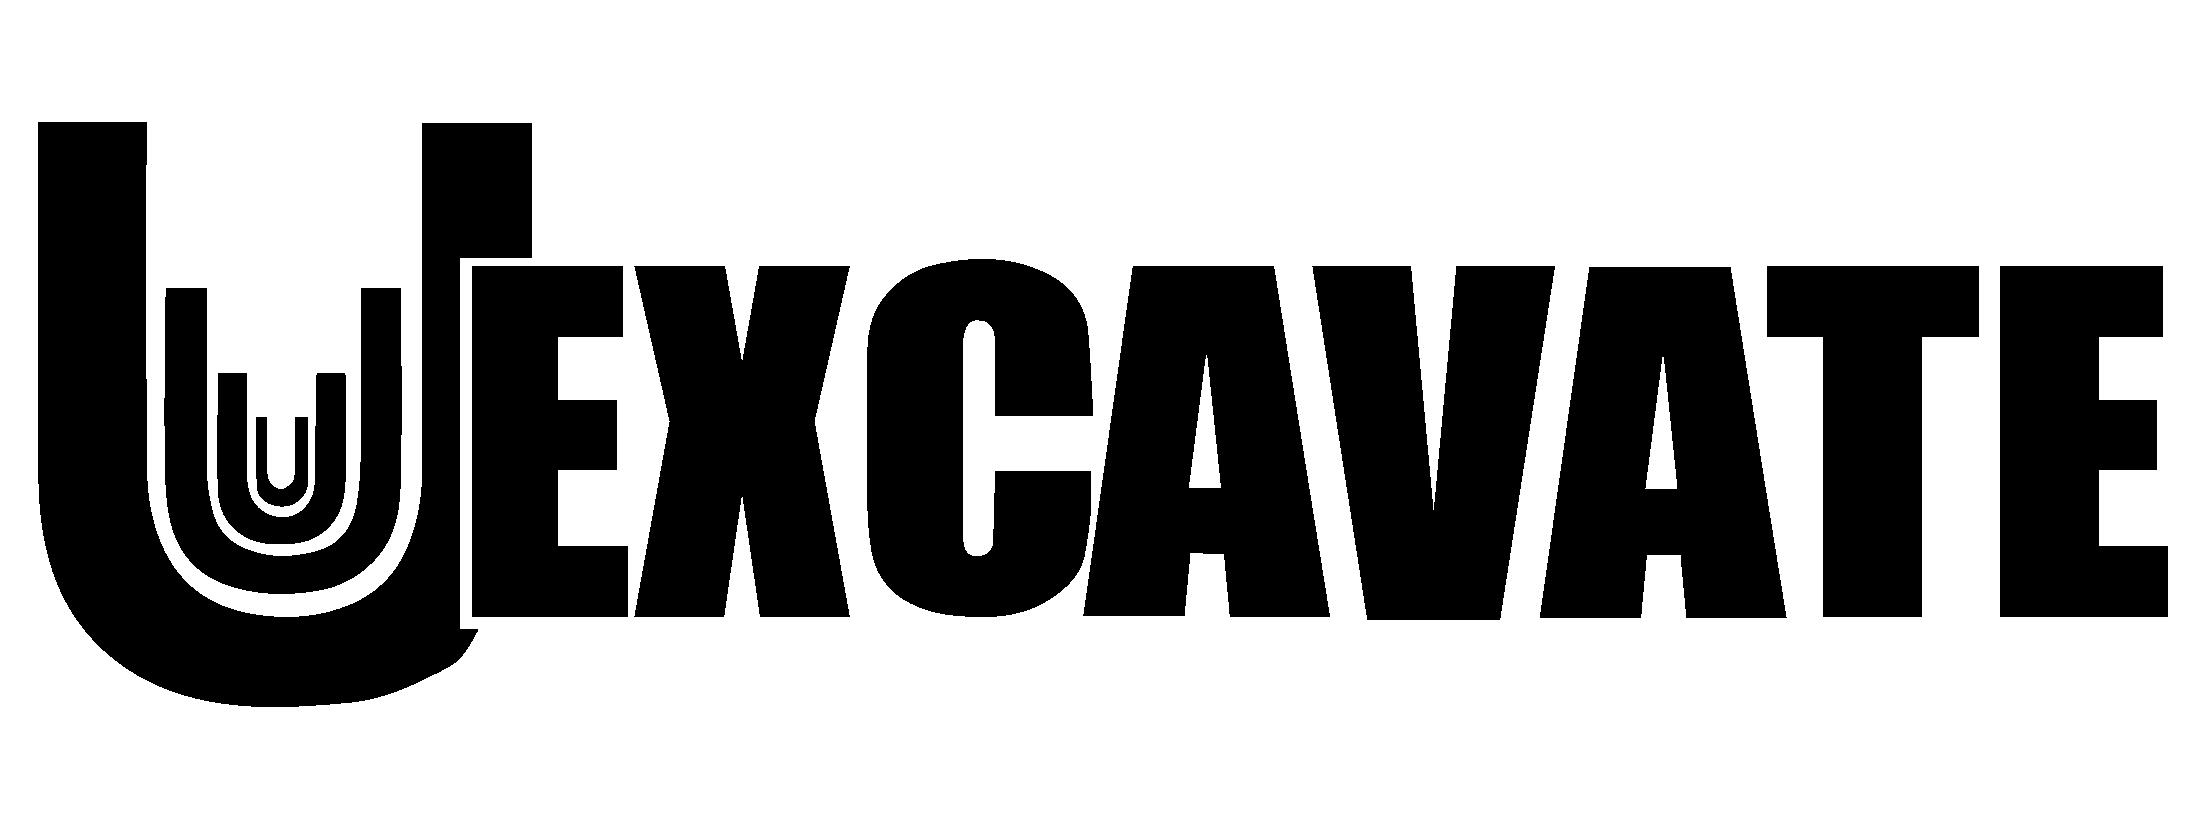 uexcavate logo